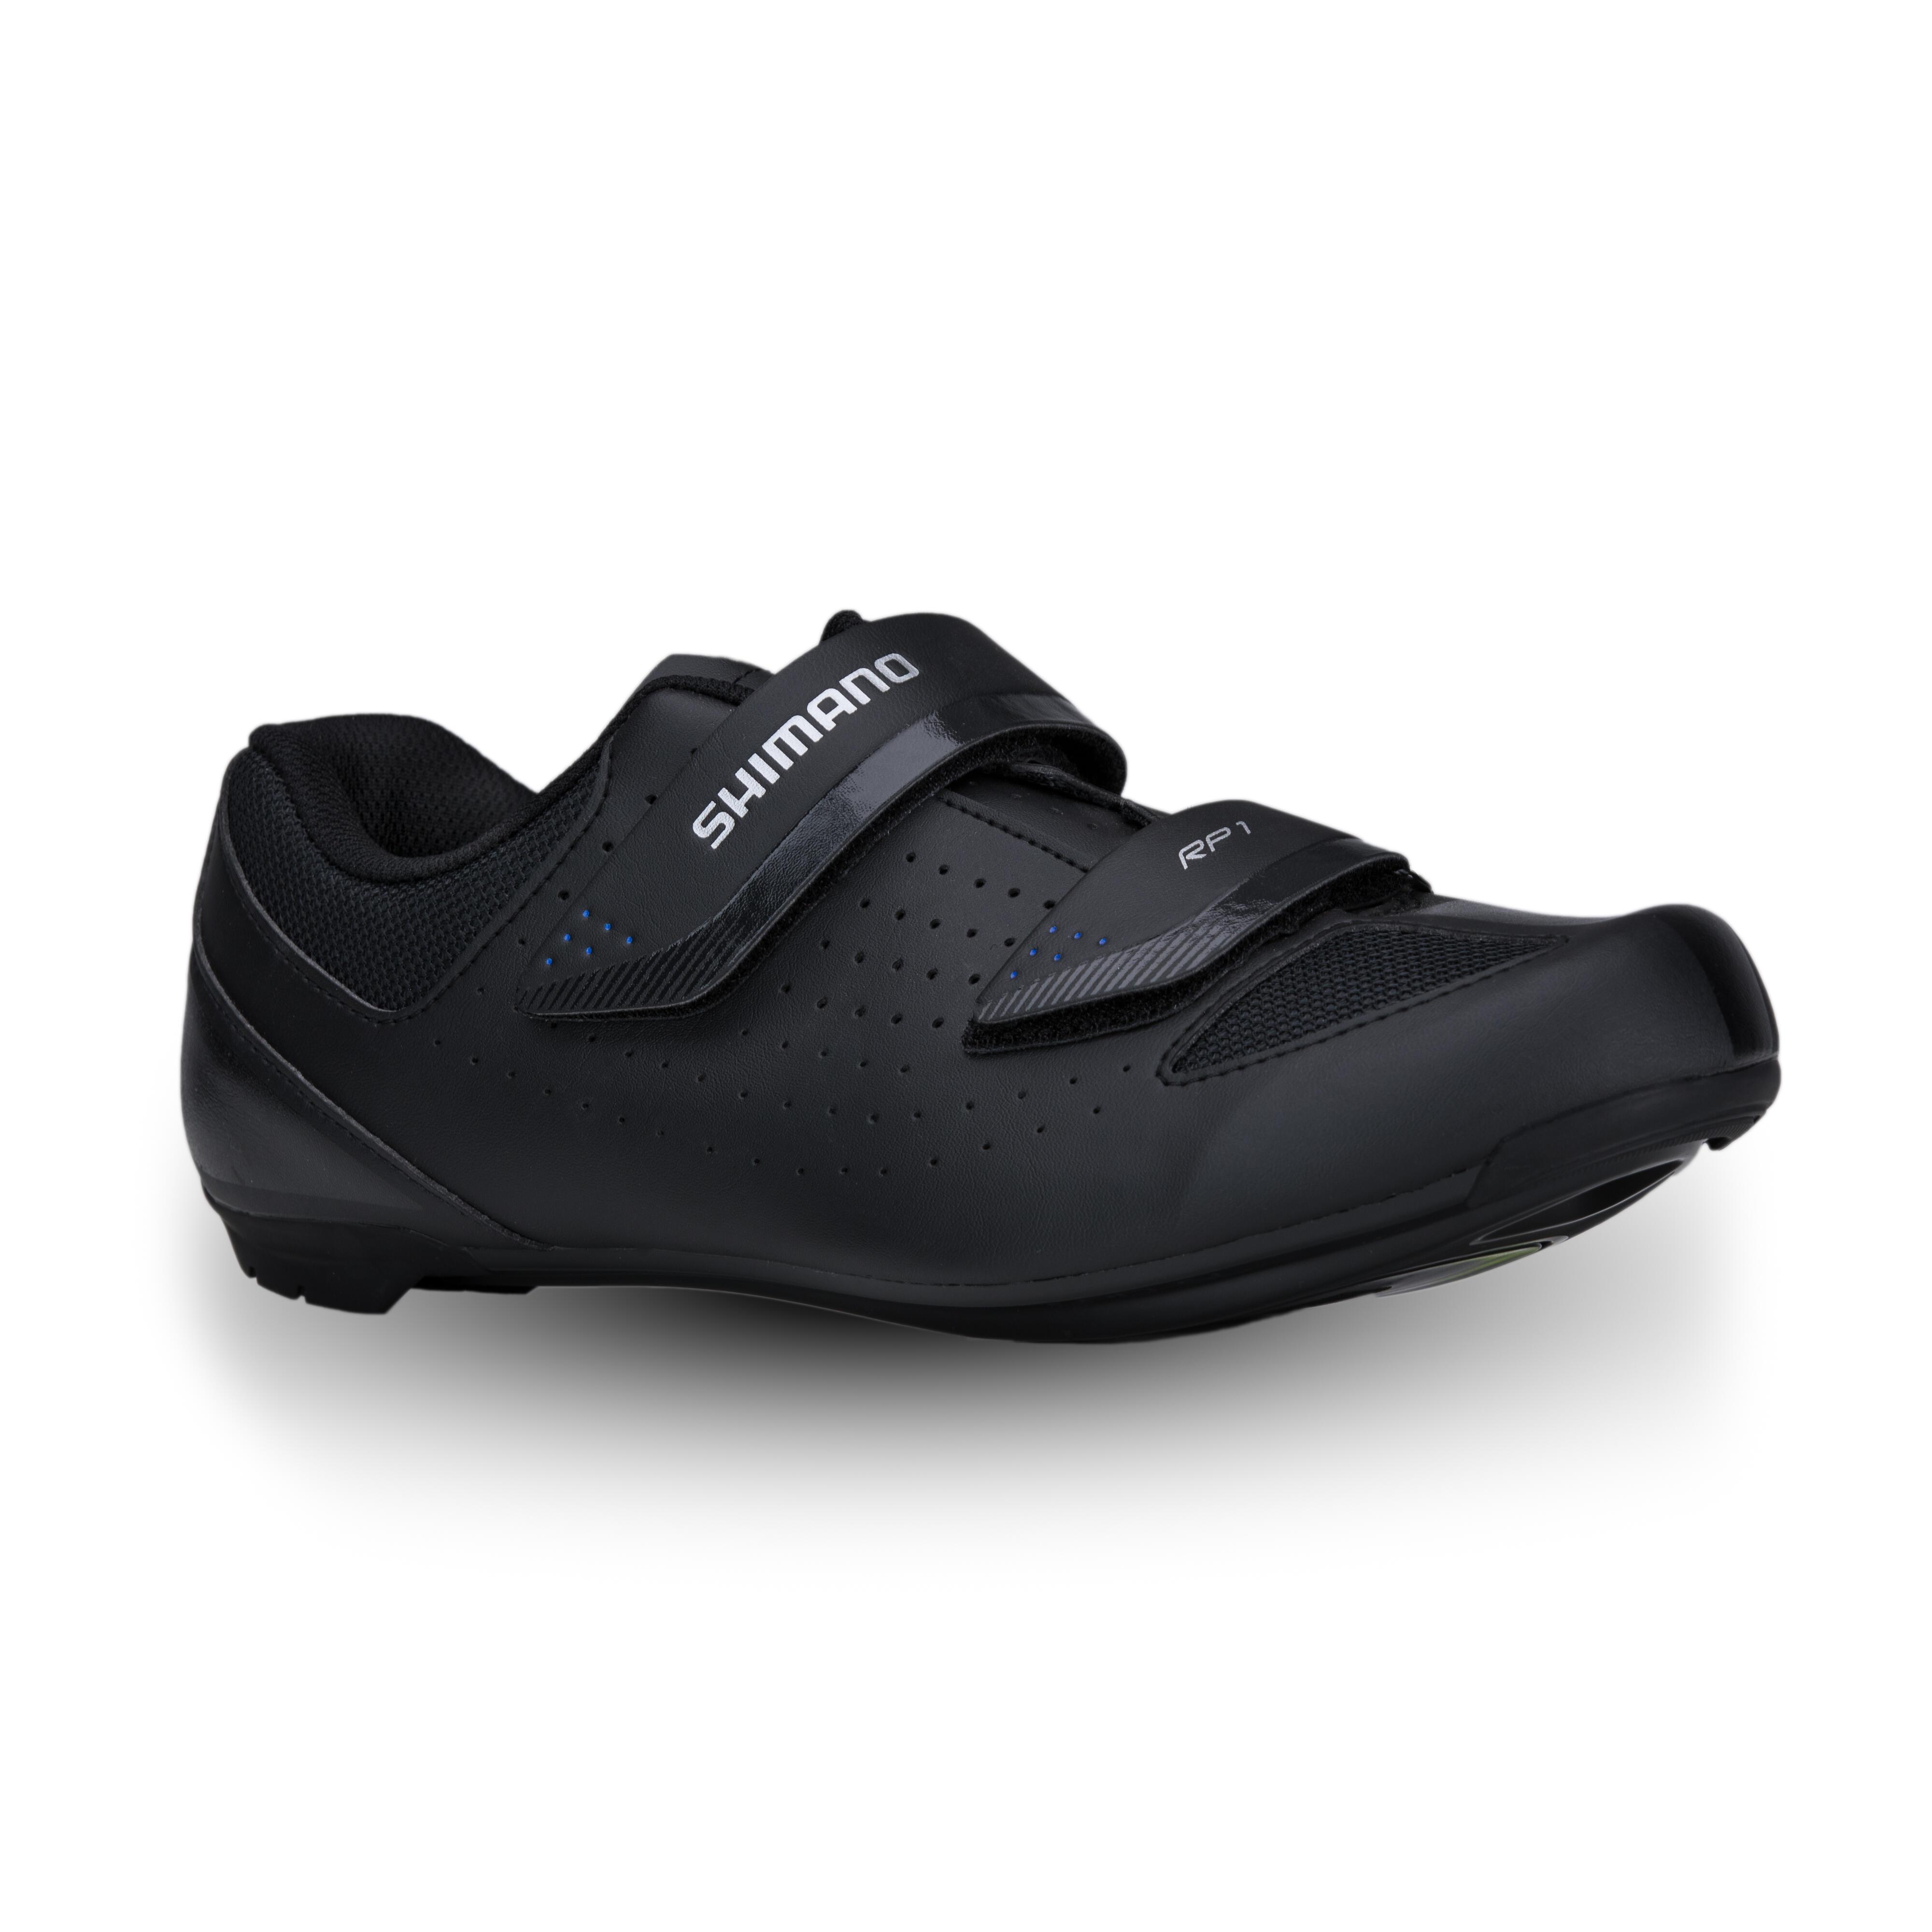 Shimano Fietsschoenen Shimano RP1 zwart